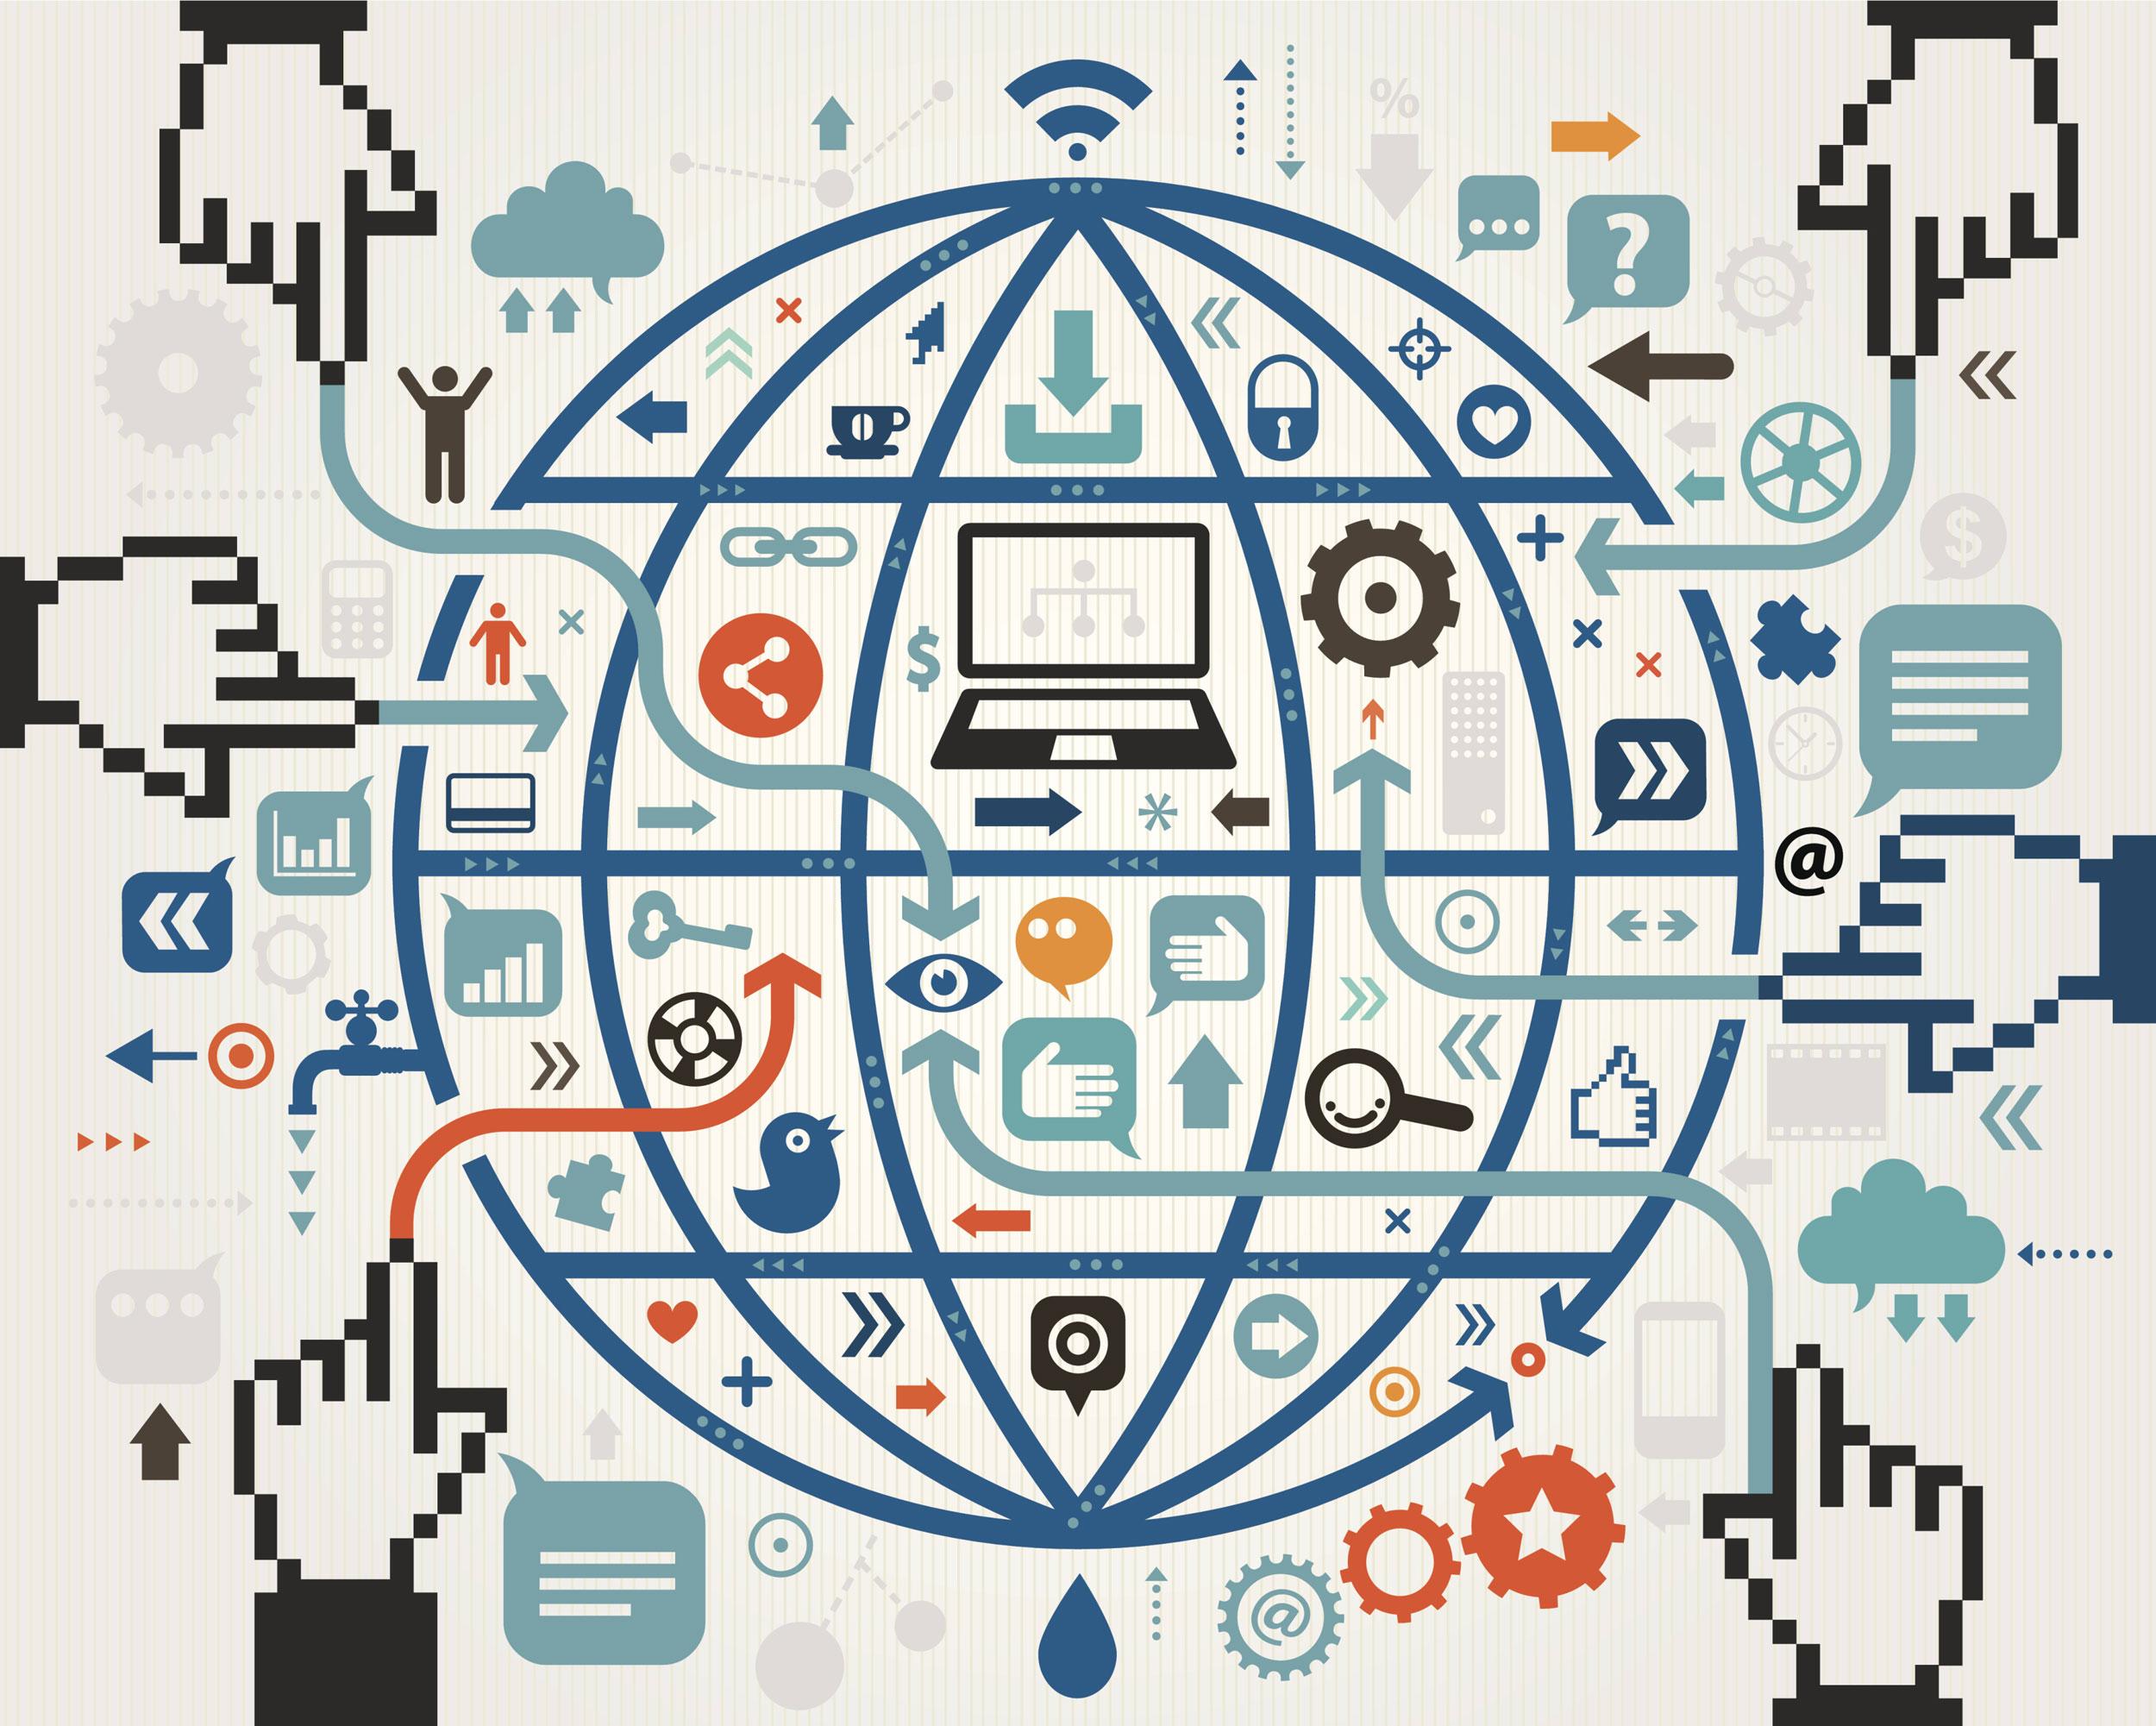 net-neutrality-op